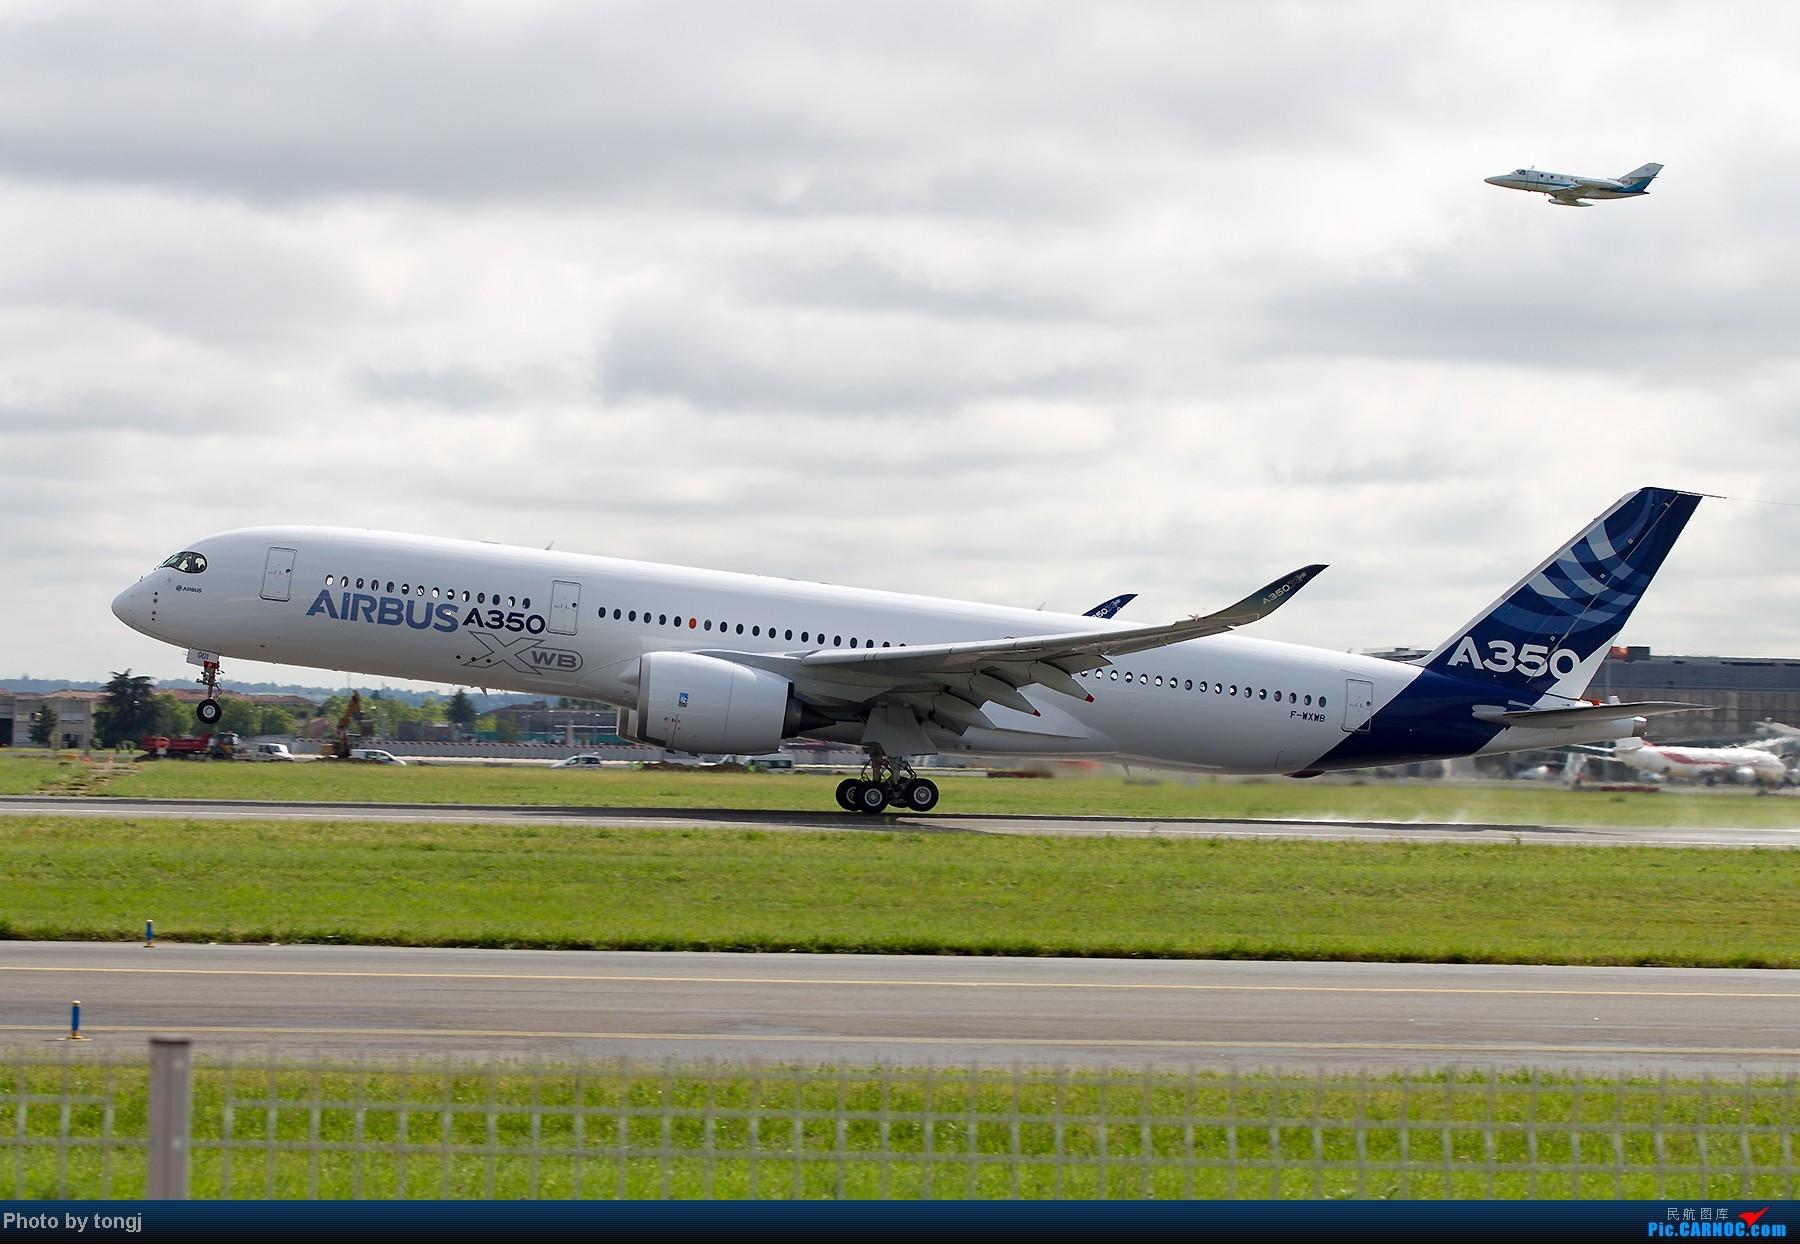 [原创]【高清图】空客A350XWB首飞 图片由空客提供 A350XWB